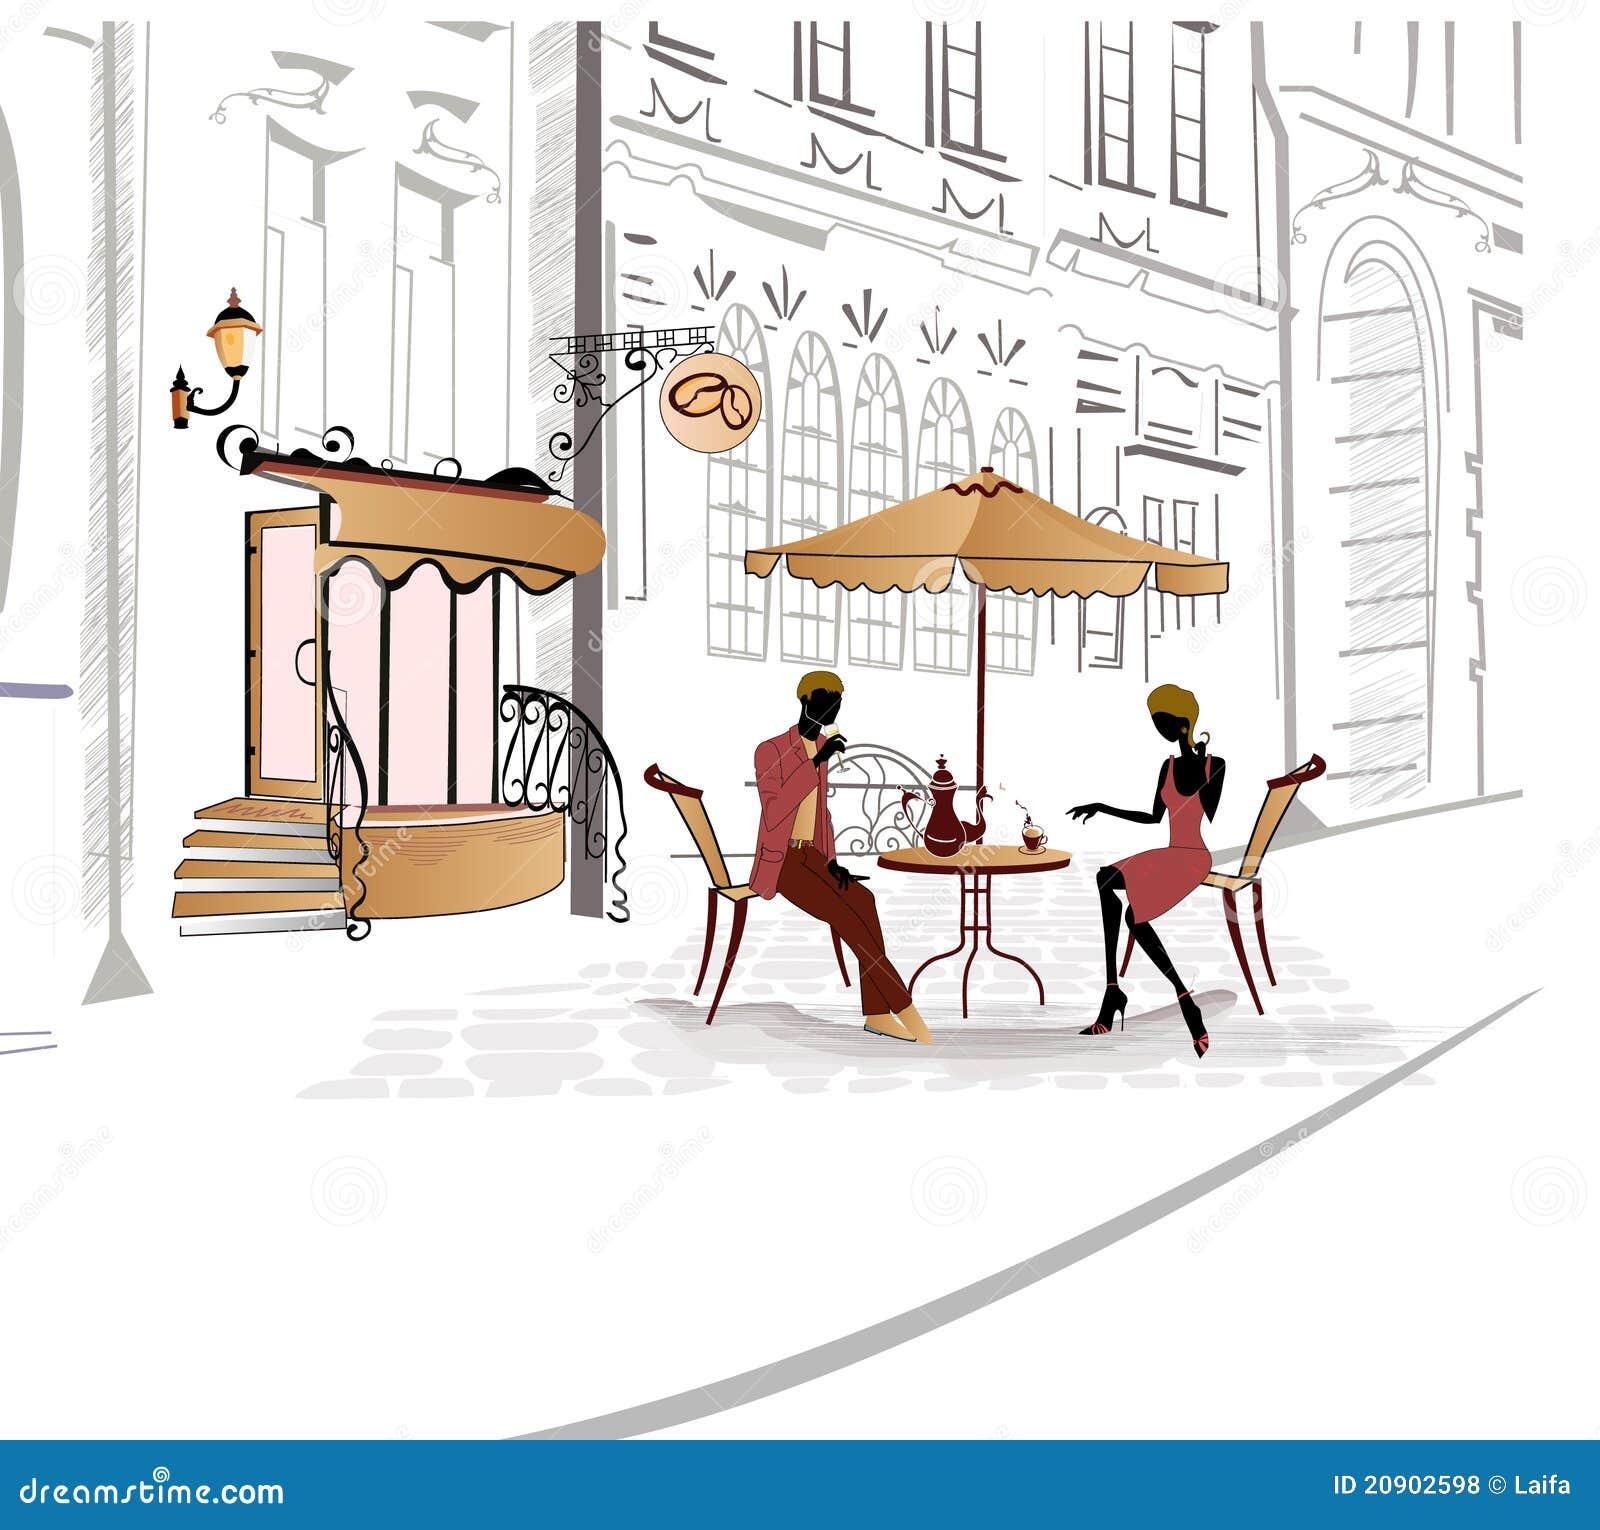 Cafeserien skissar gator